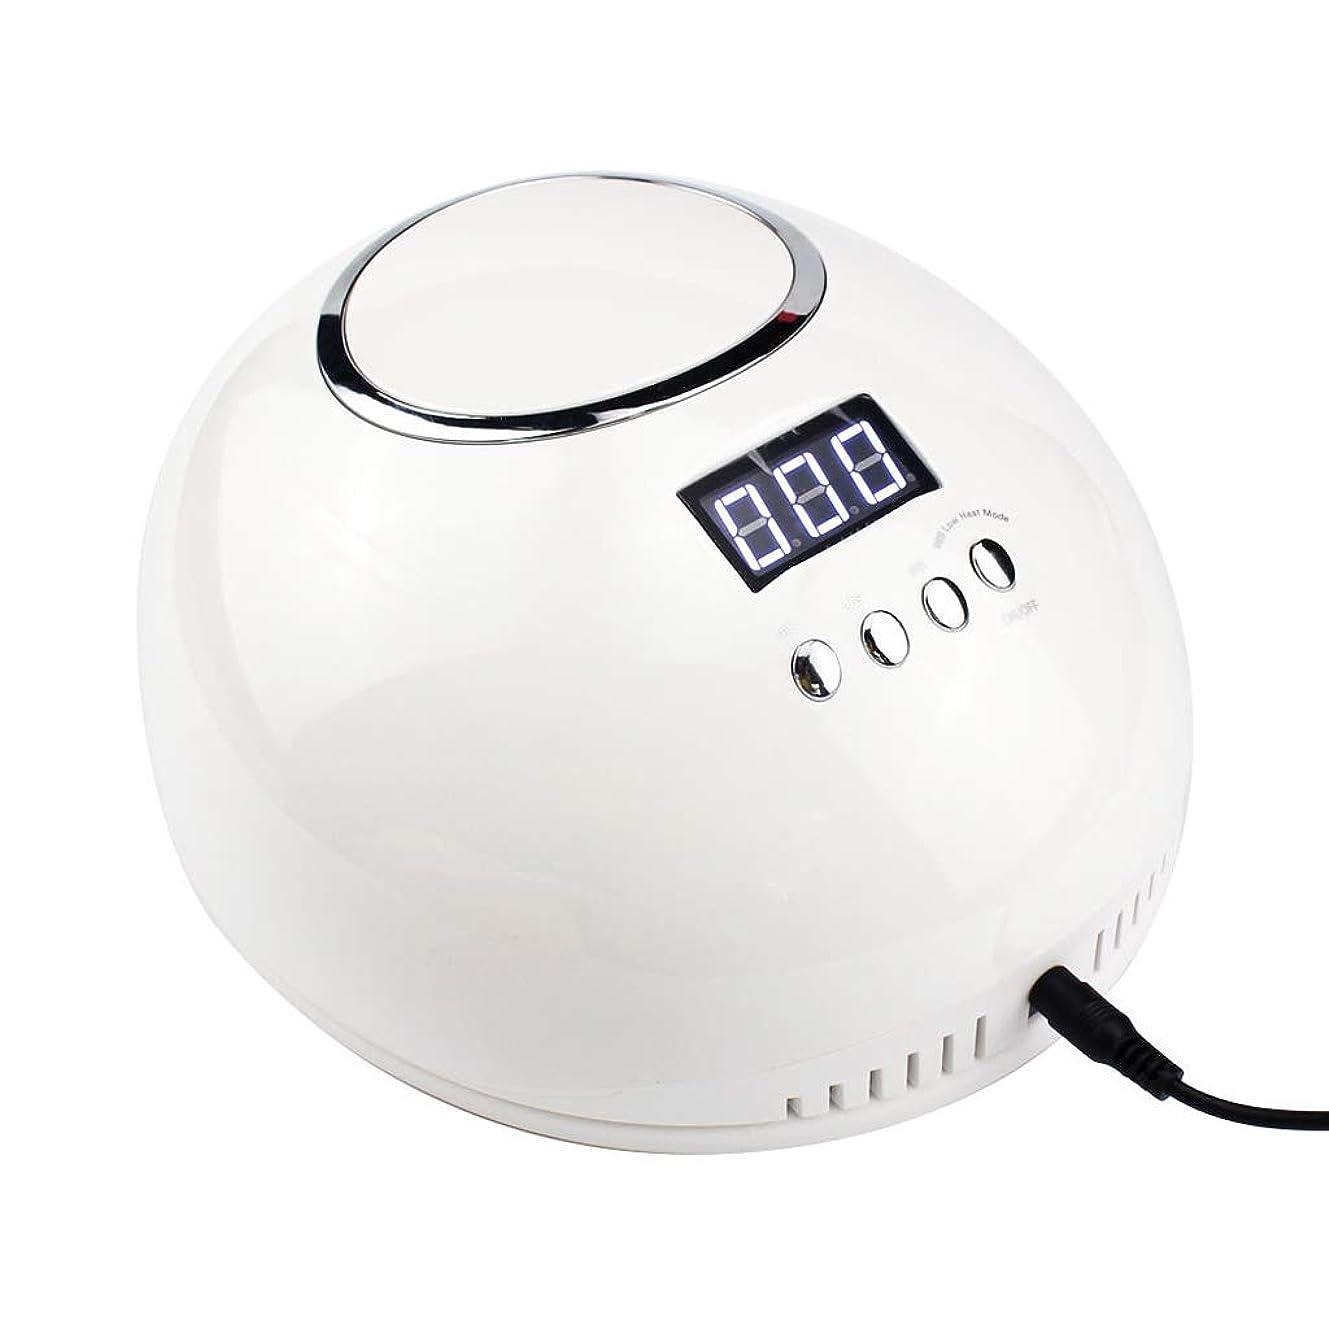 圧縮する描写言い直すスマート光線療法ネイルマシン48WLEDハイパワー24ライト4タイマー設定 (色 : 白)